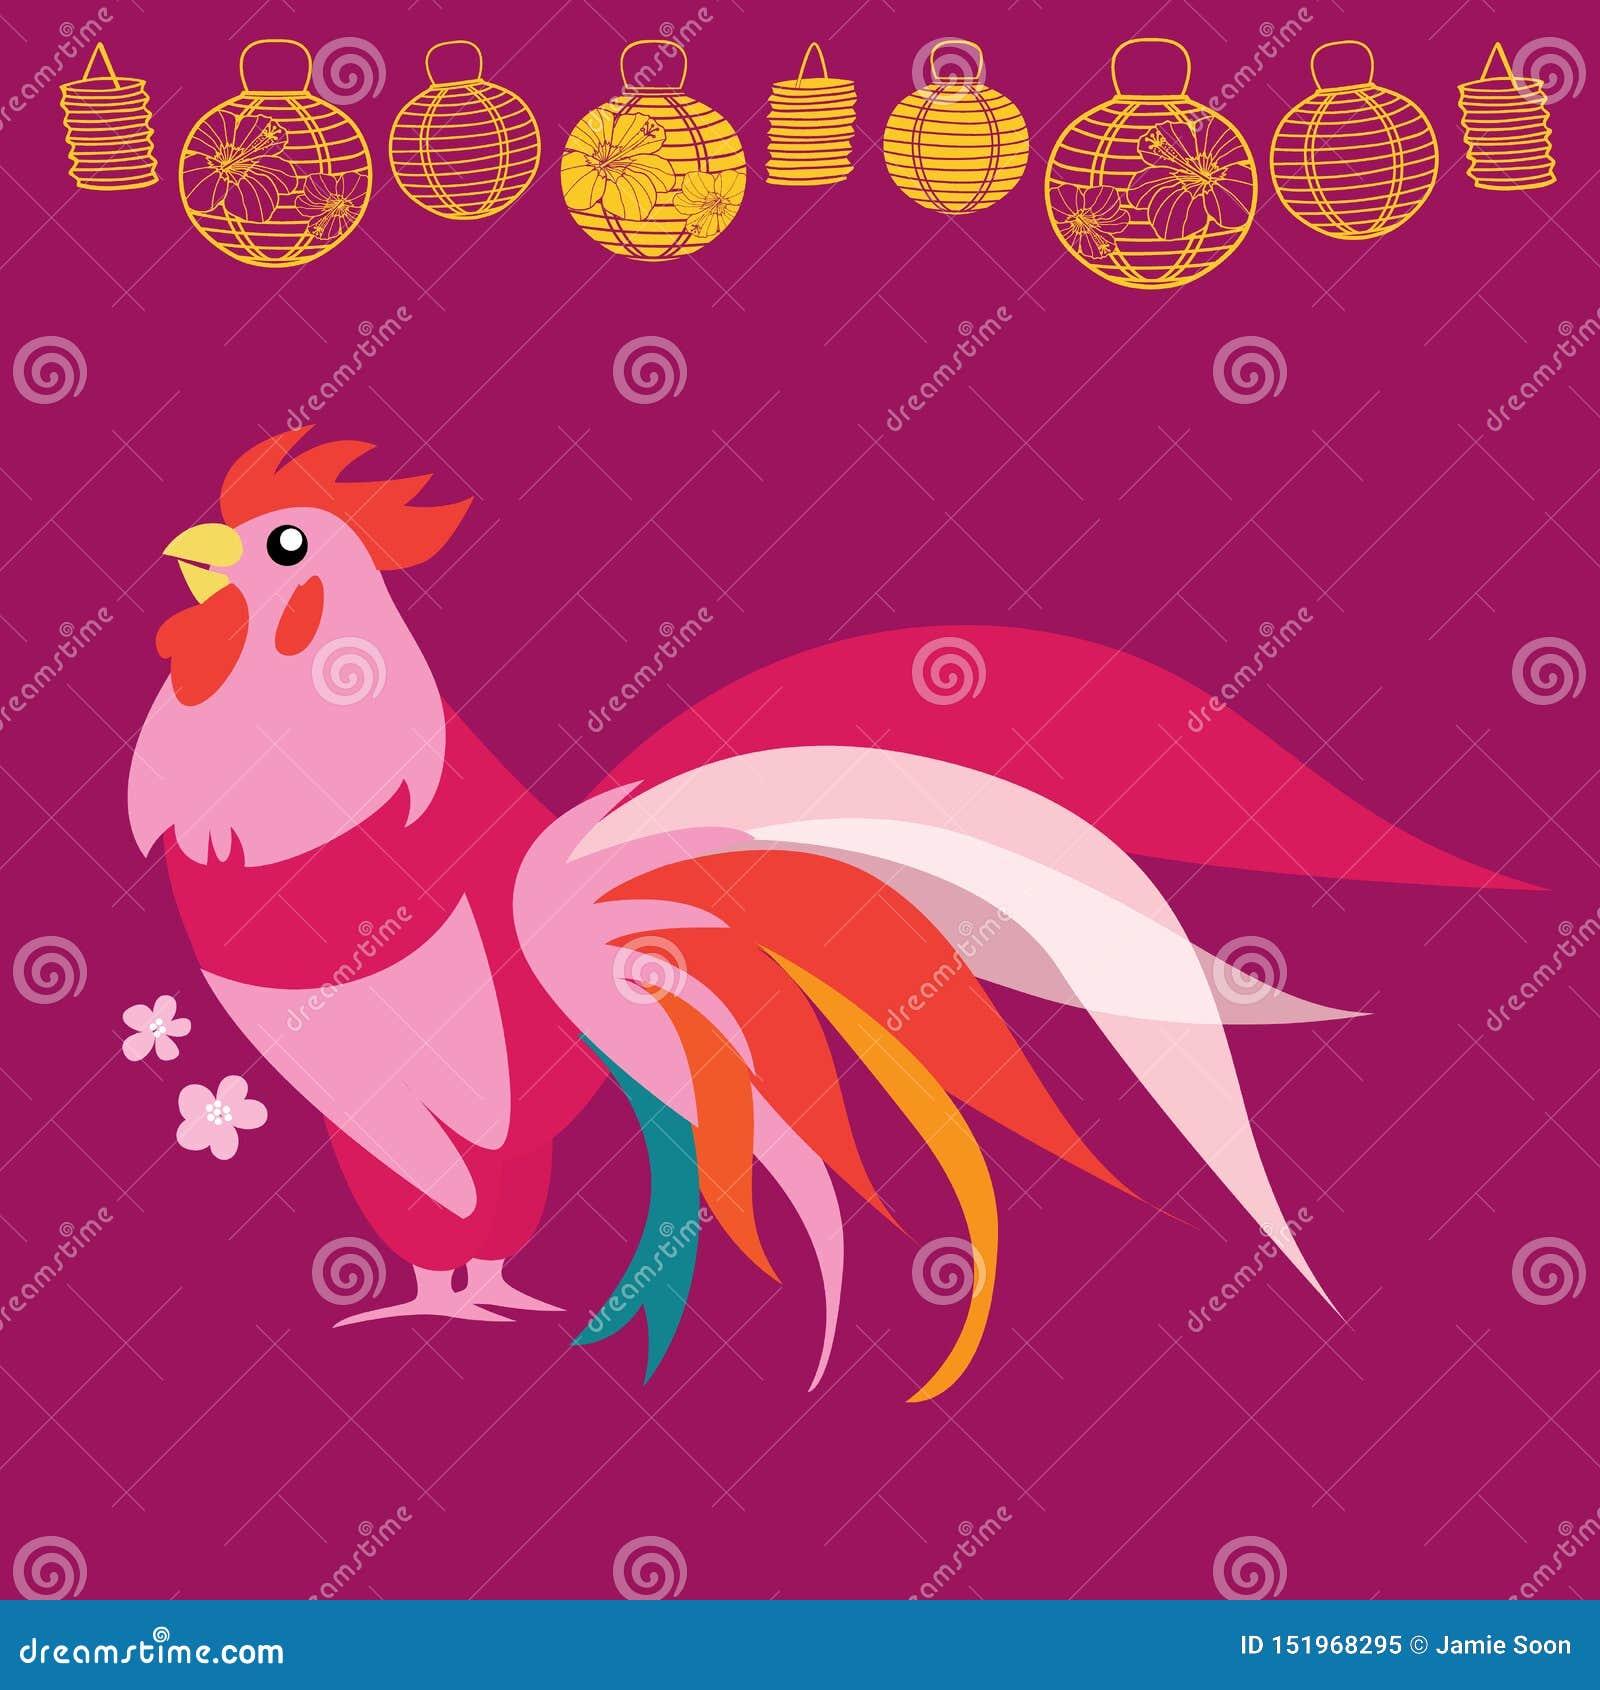 Rosa-Hahn-Illustration des Vektor-Chinesischen Neujahrsfests mit Laternen